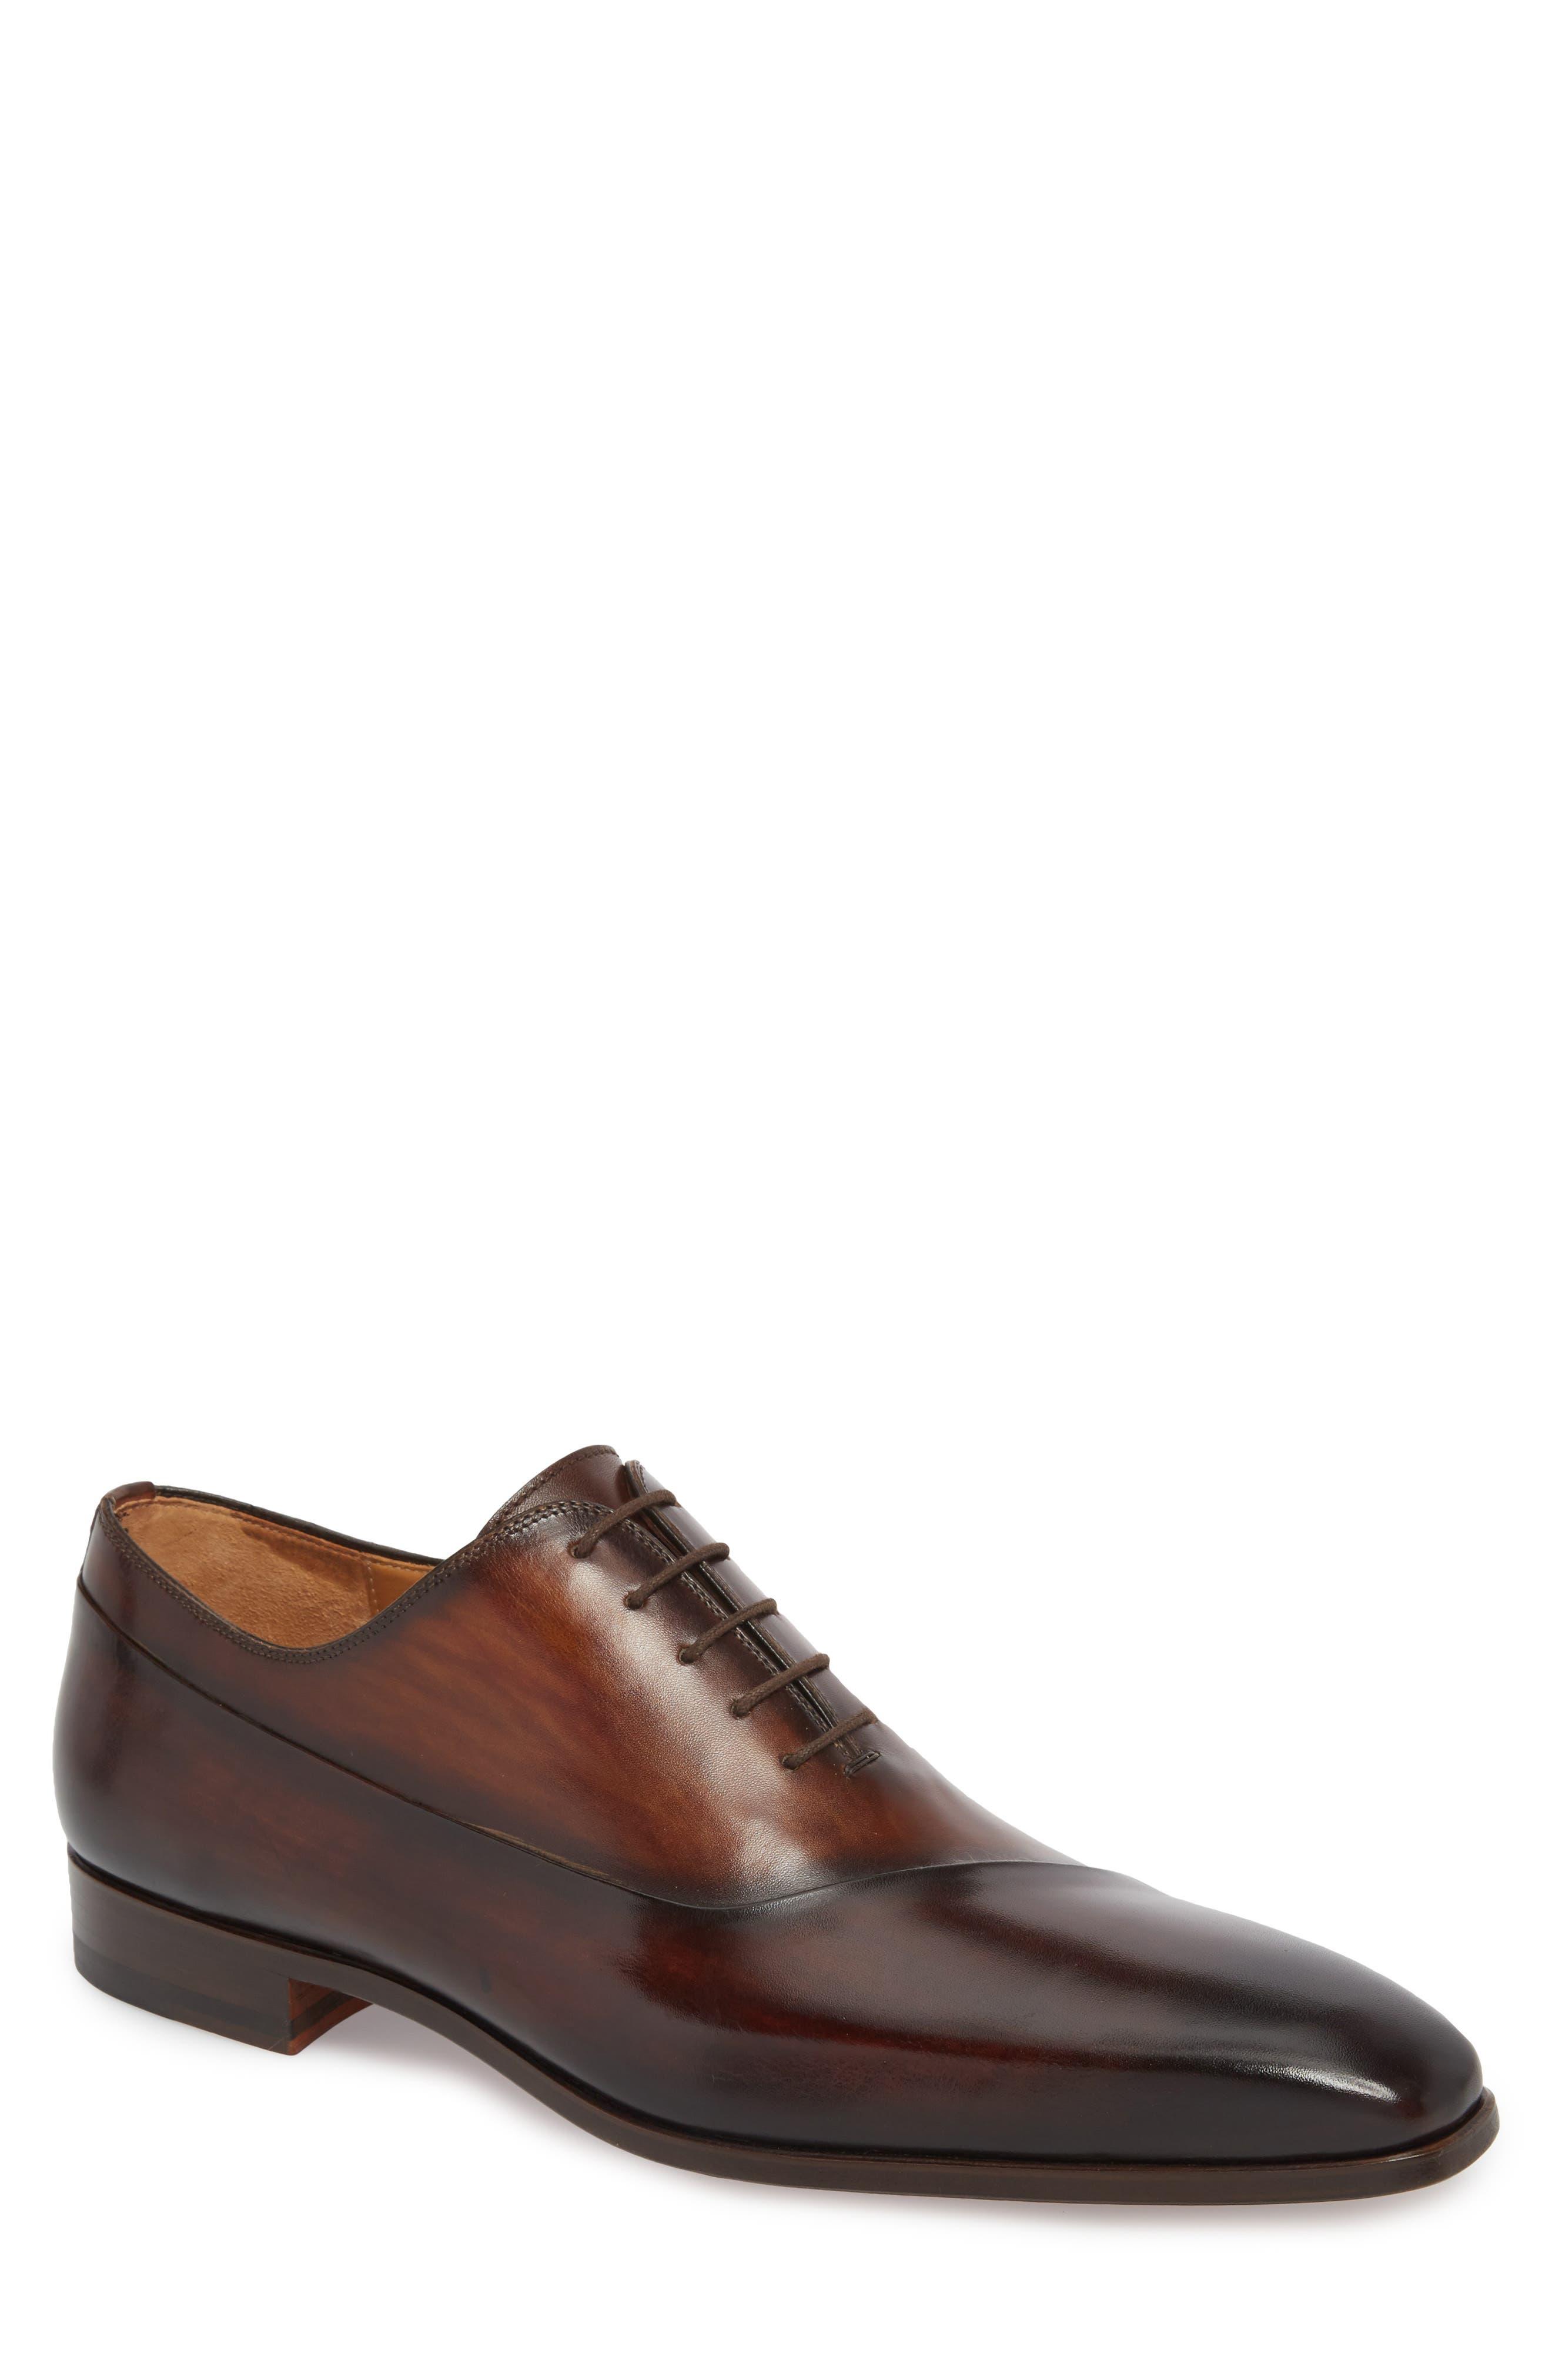 Cristiano Asymmetrical Whole Cut Shoe,                         Main,                         color, 200